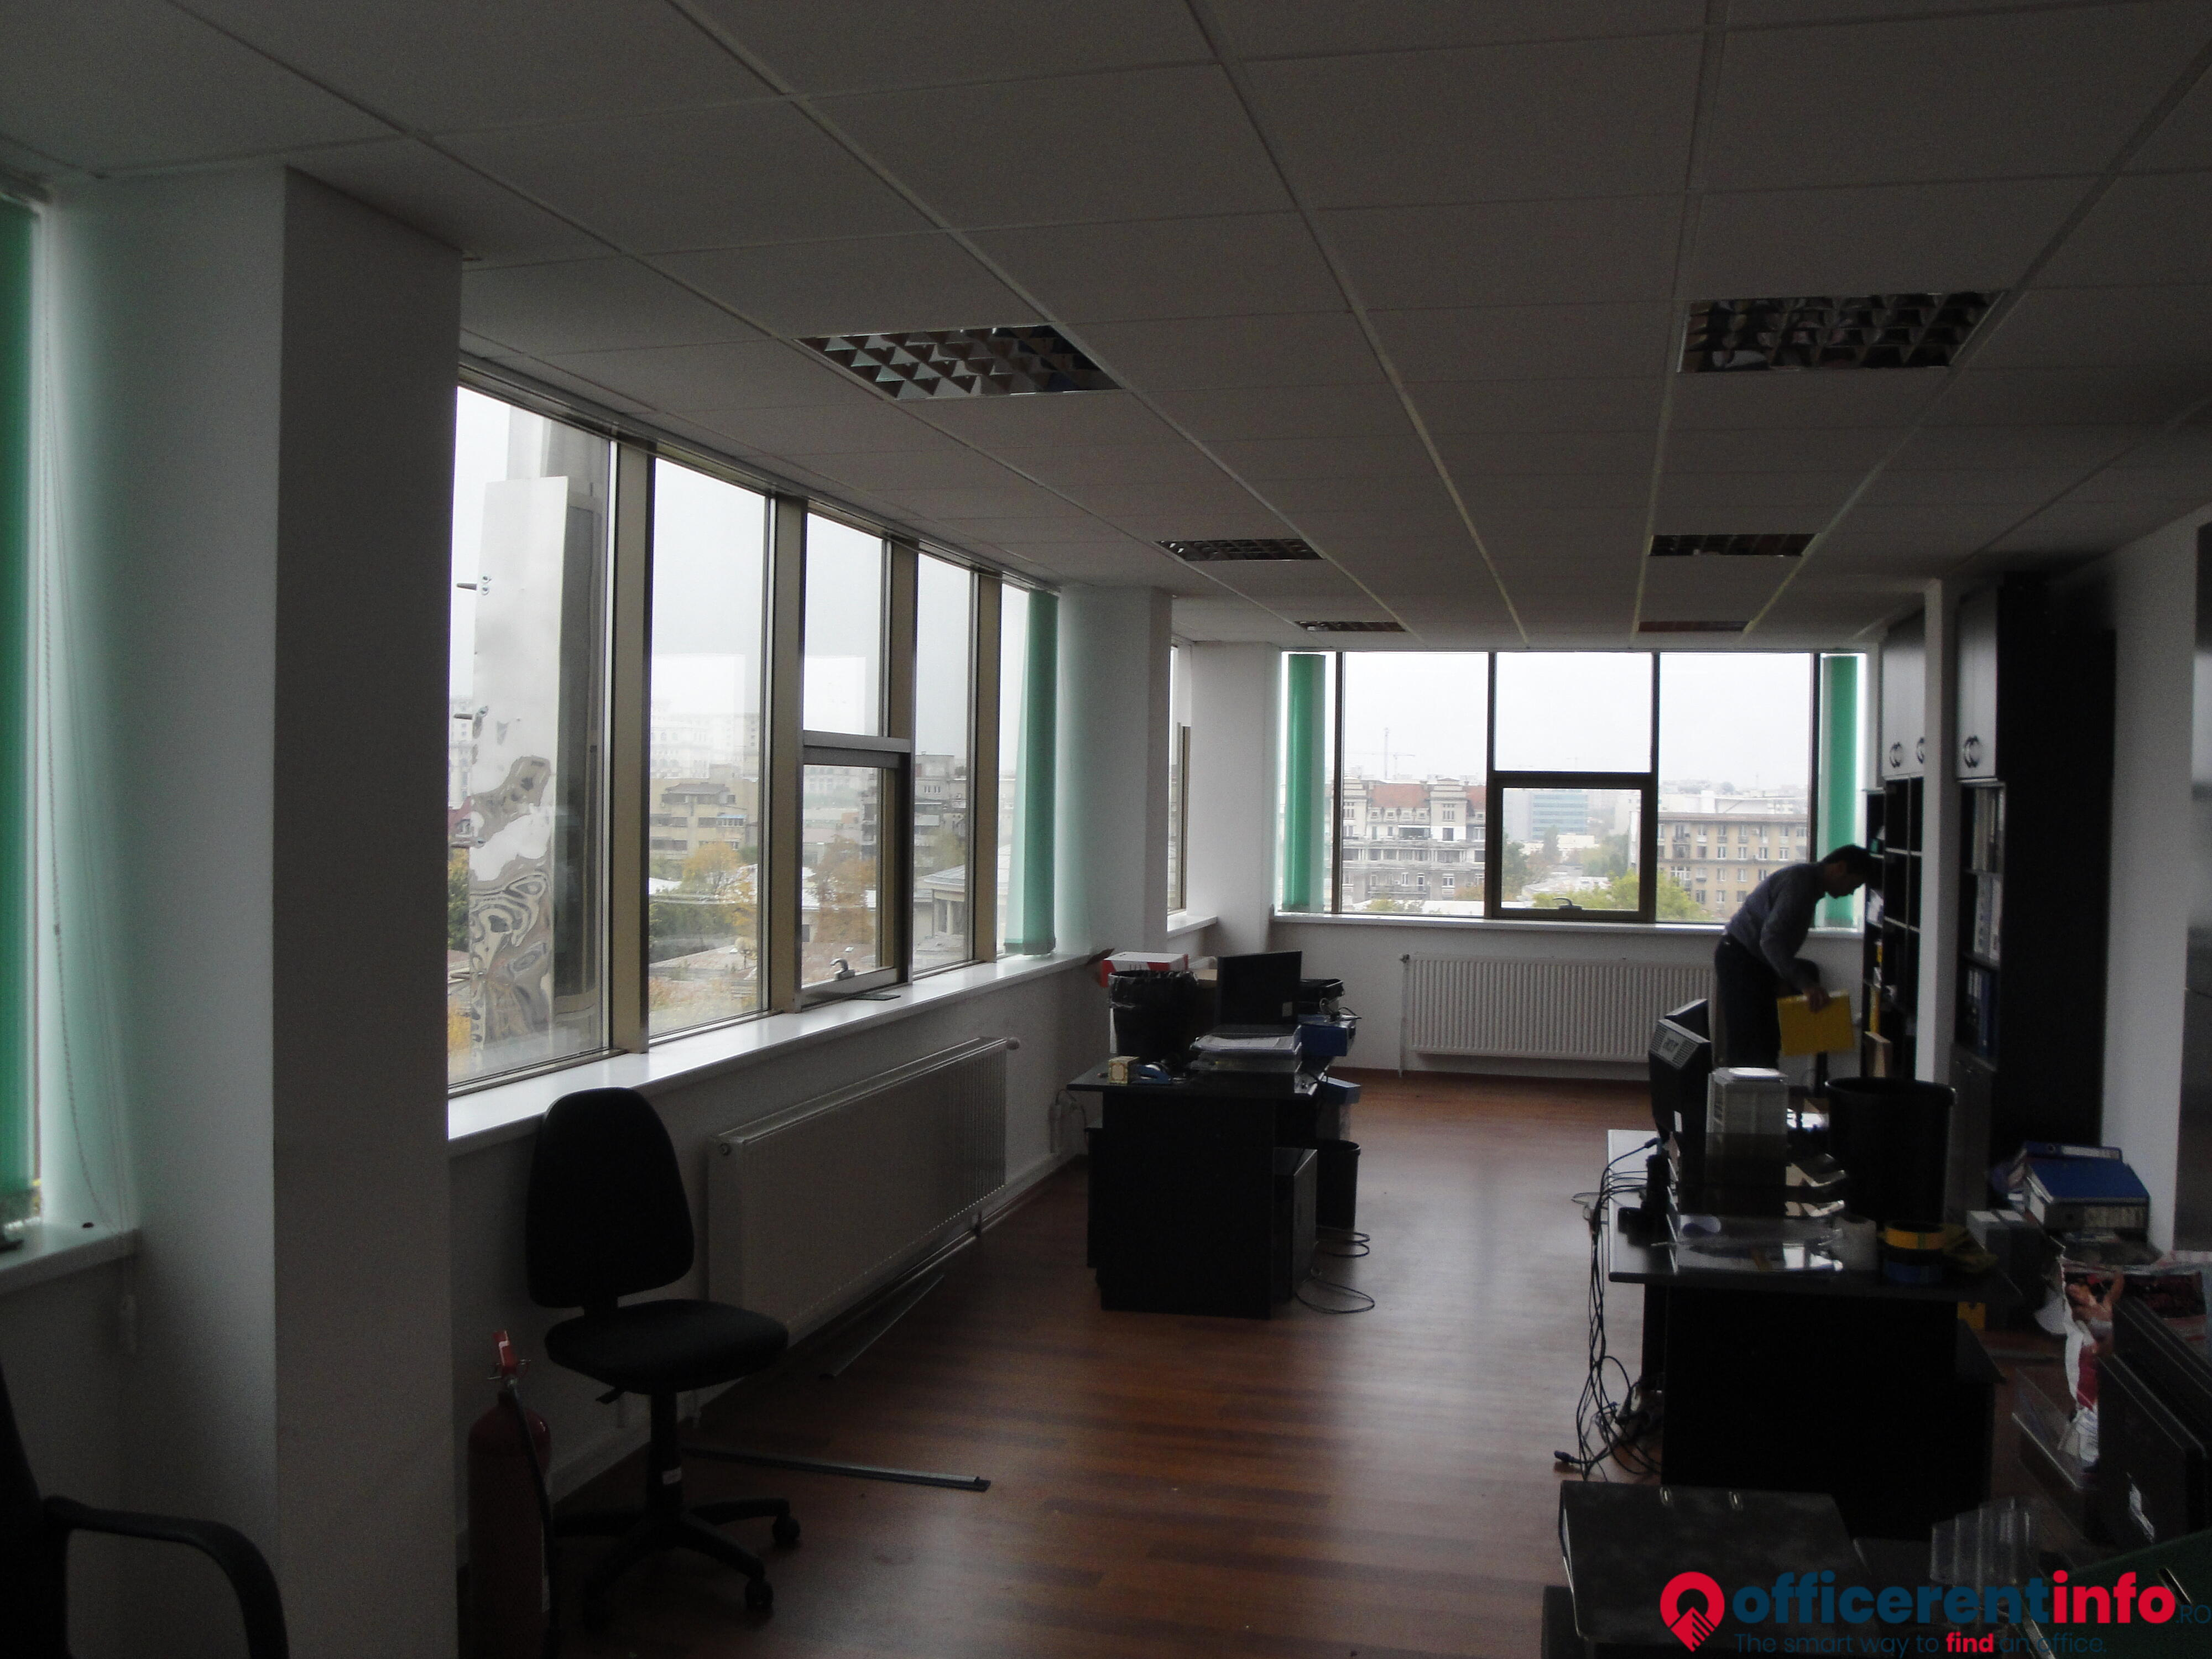 Office For Rent In Generali Calea Plevnei 53 10223 Bucharest